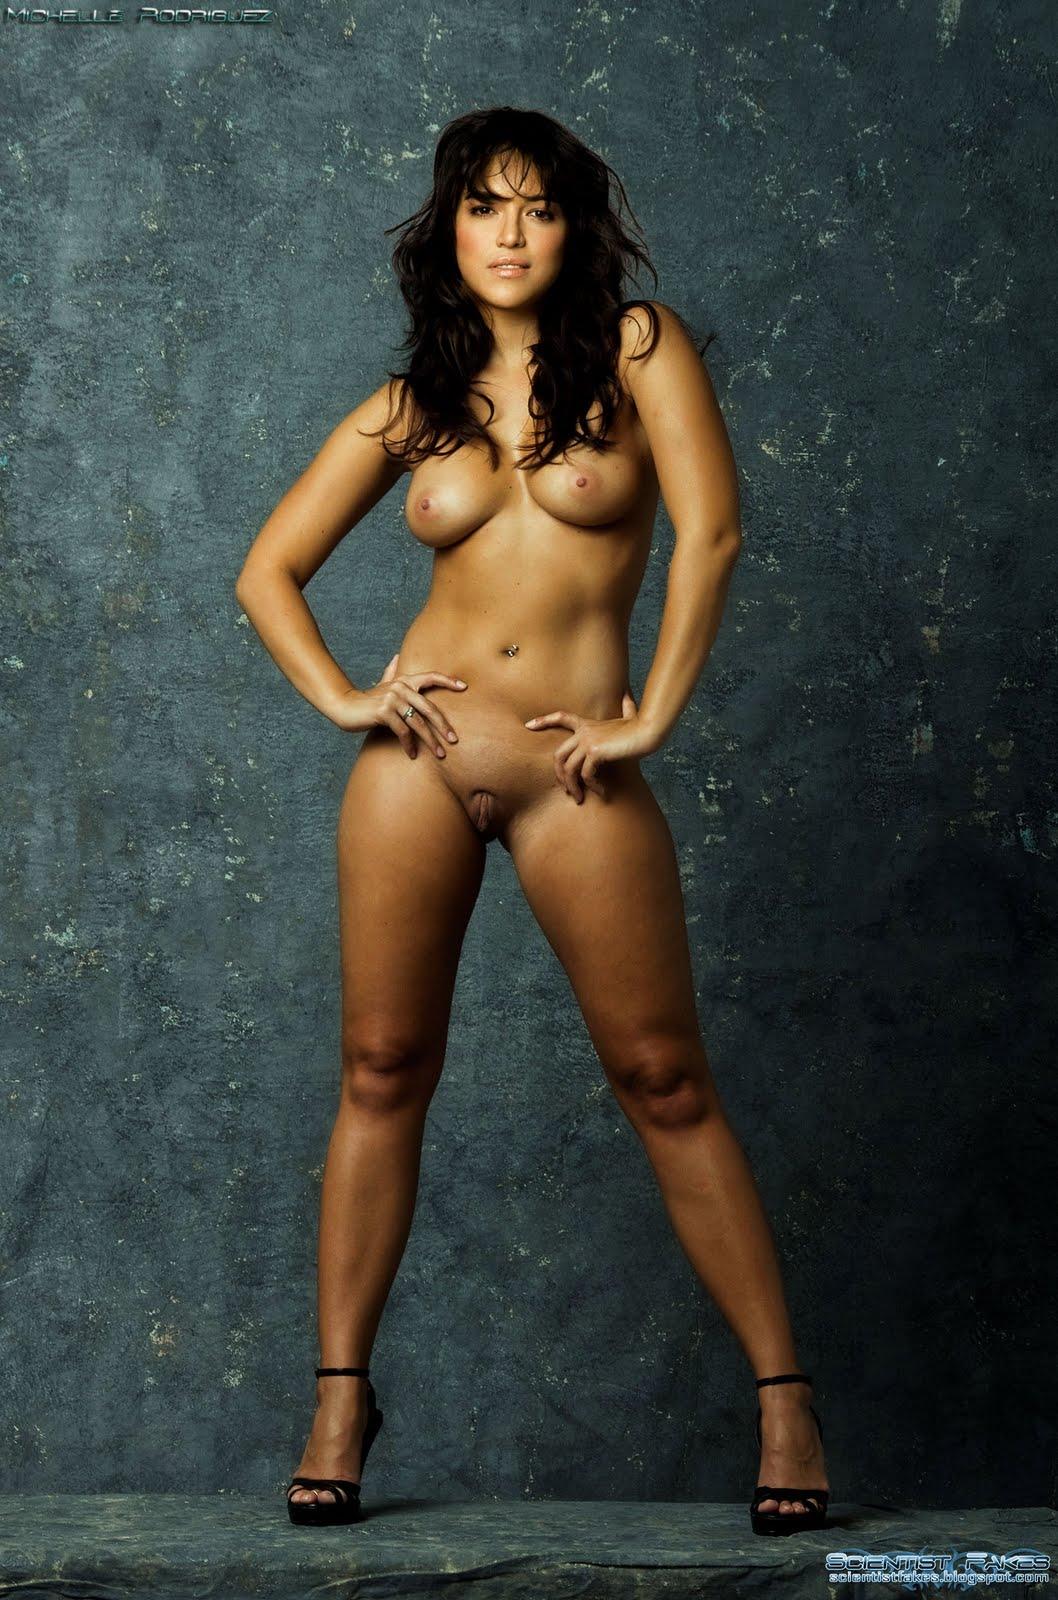 El desnudo de Lea Michele - Infobae